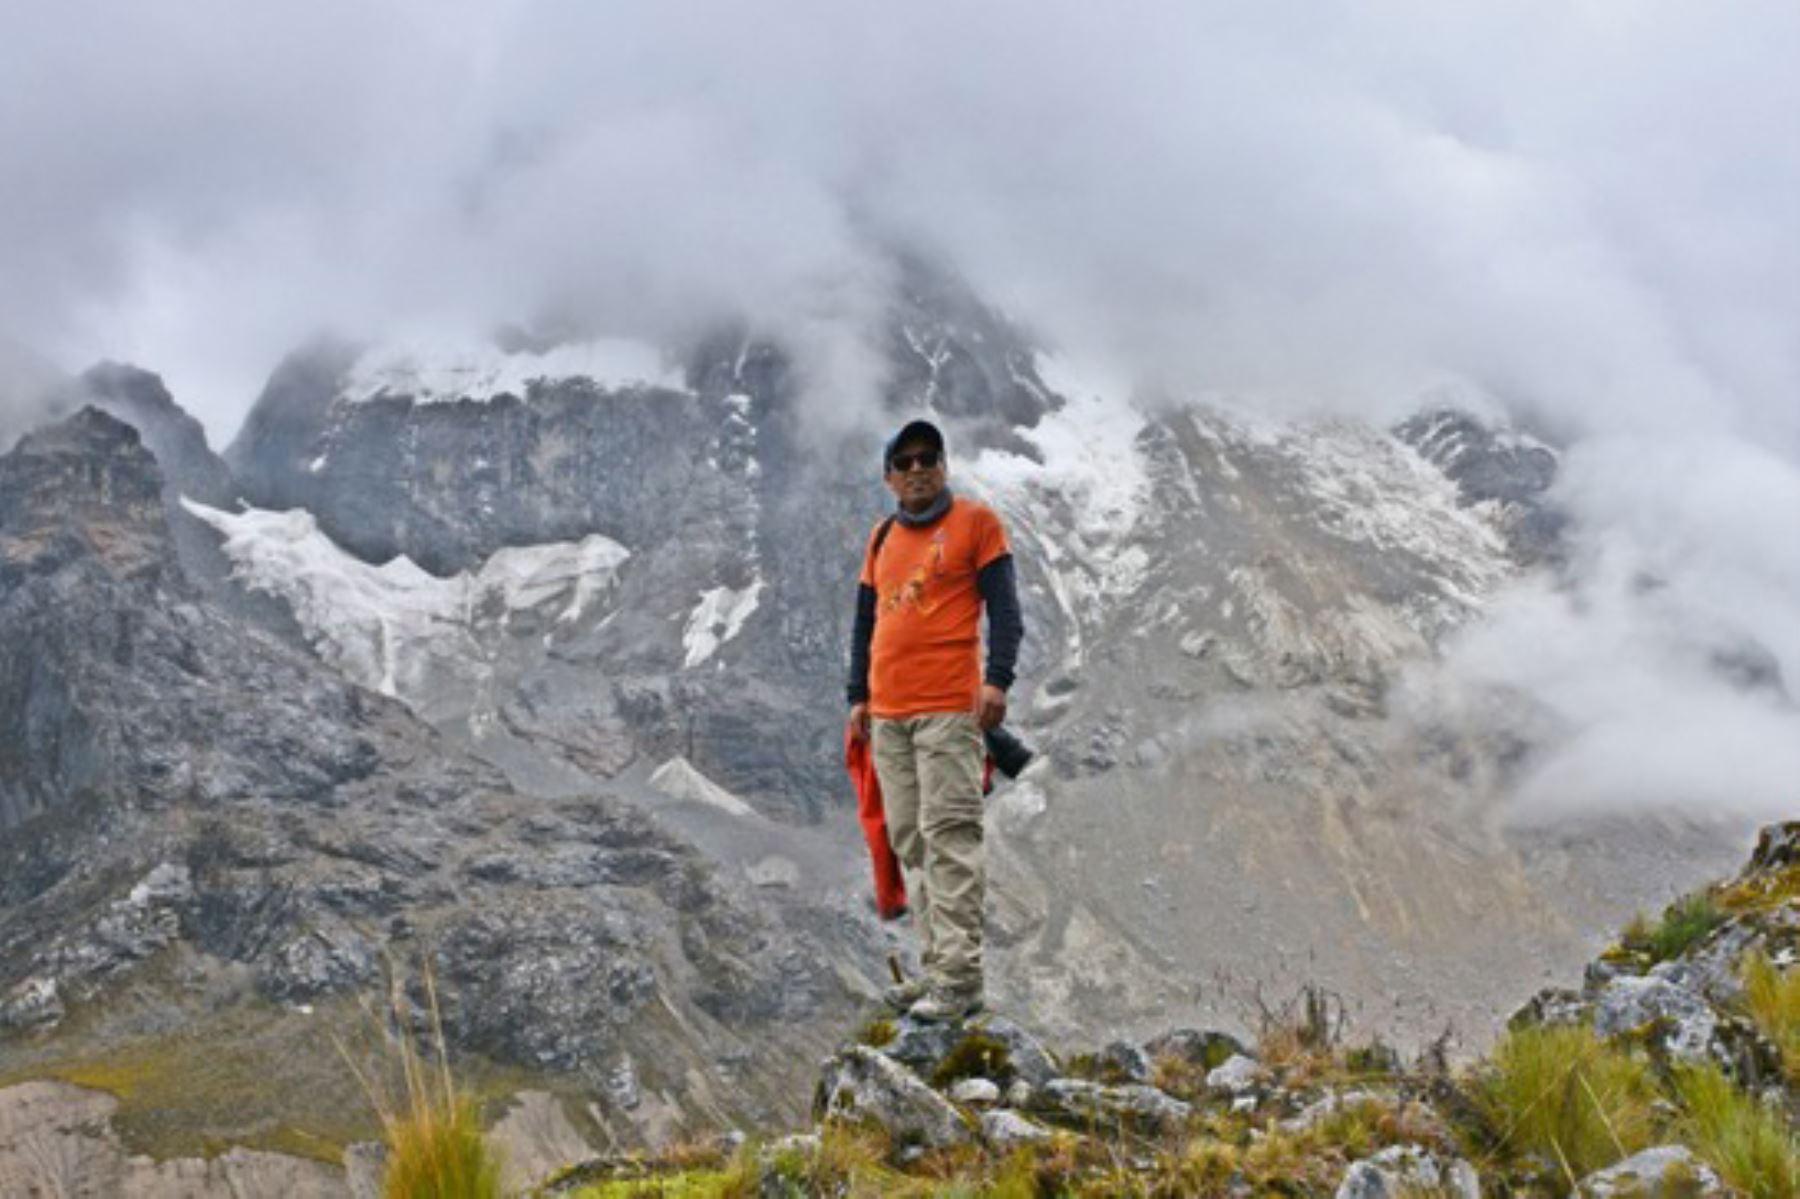 La recurrencia de avalanchas de roca podrían ser los peligros futuros que se registren en las lagunas de montaña a causa de los riesgos de origen glaciar como consecuencia del cambio climático, advierte un estudio del Instituto Nacional de Investigación en Glaciares y Ecosistemas de Montaña (Inaigem). ANDINA/ Minam - Inaigem